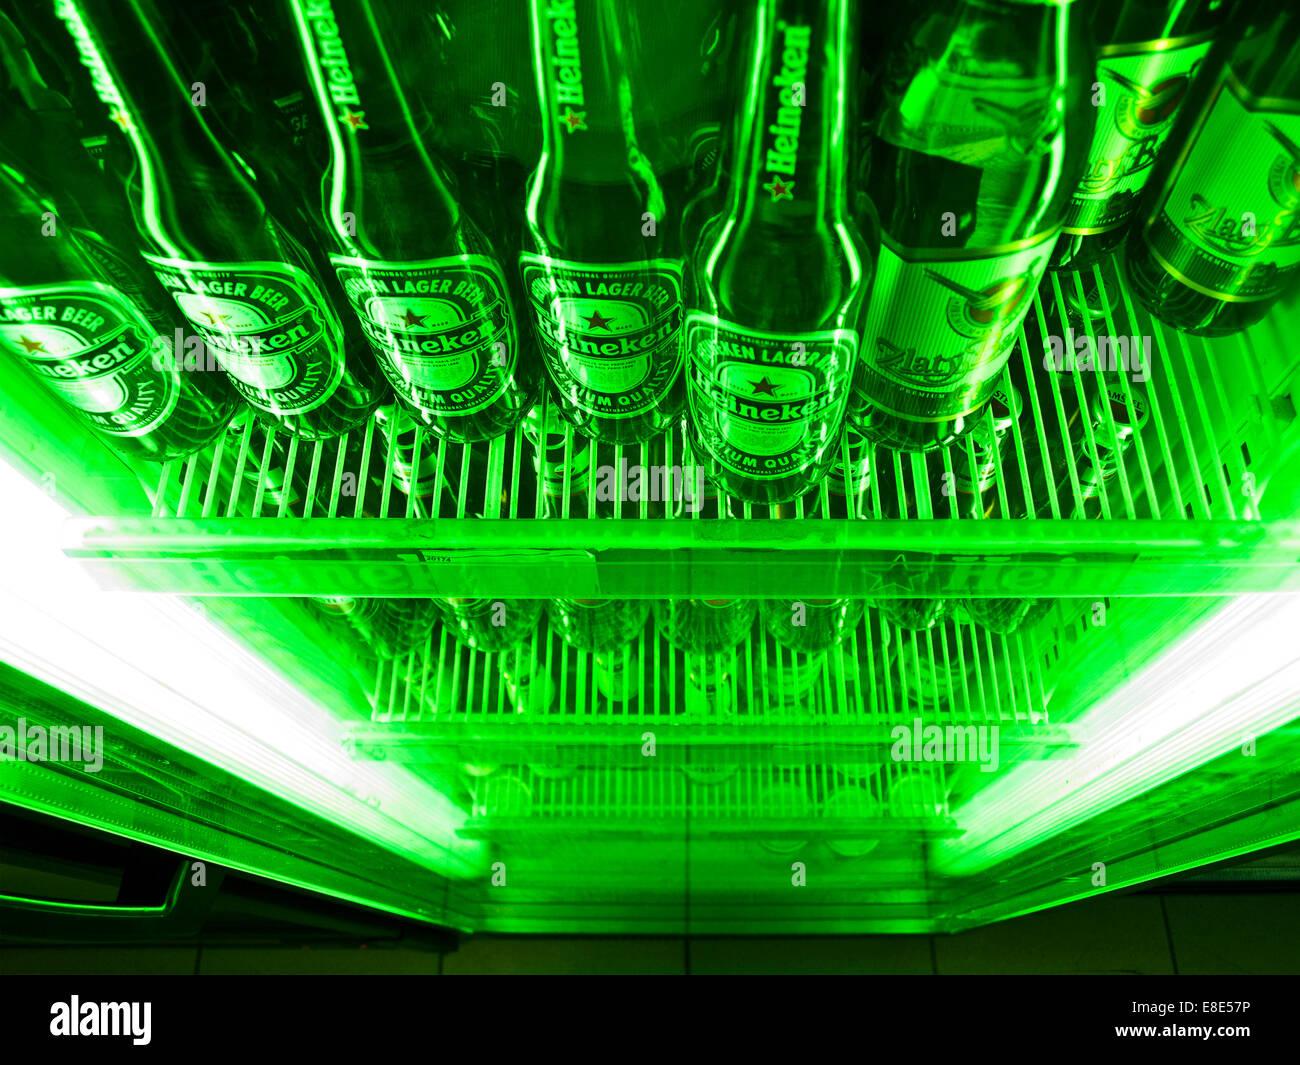 Mini Kühlschrank Heineken : Heineken beer bottles stockfotos heineken beer bottles bilder